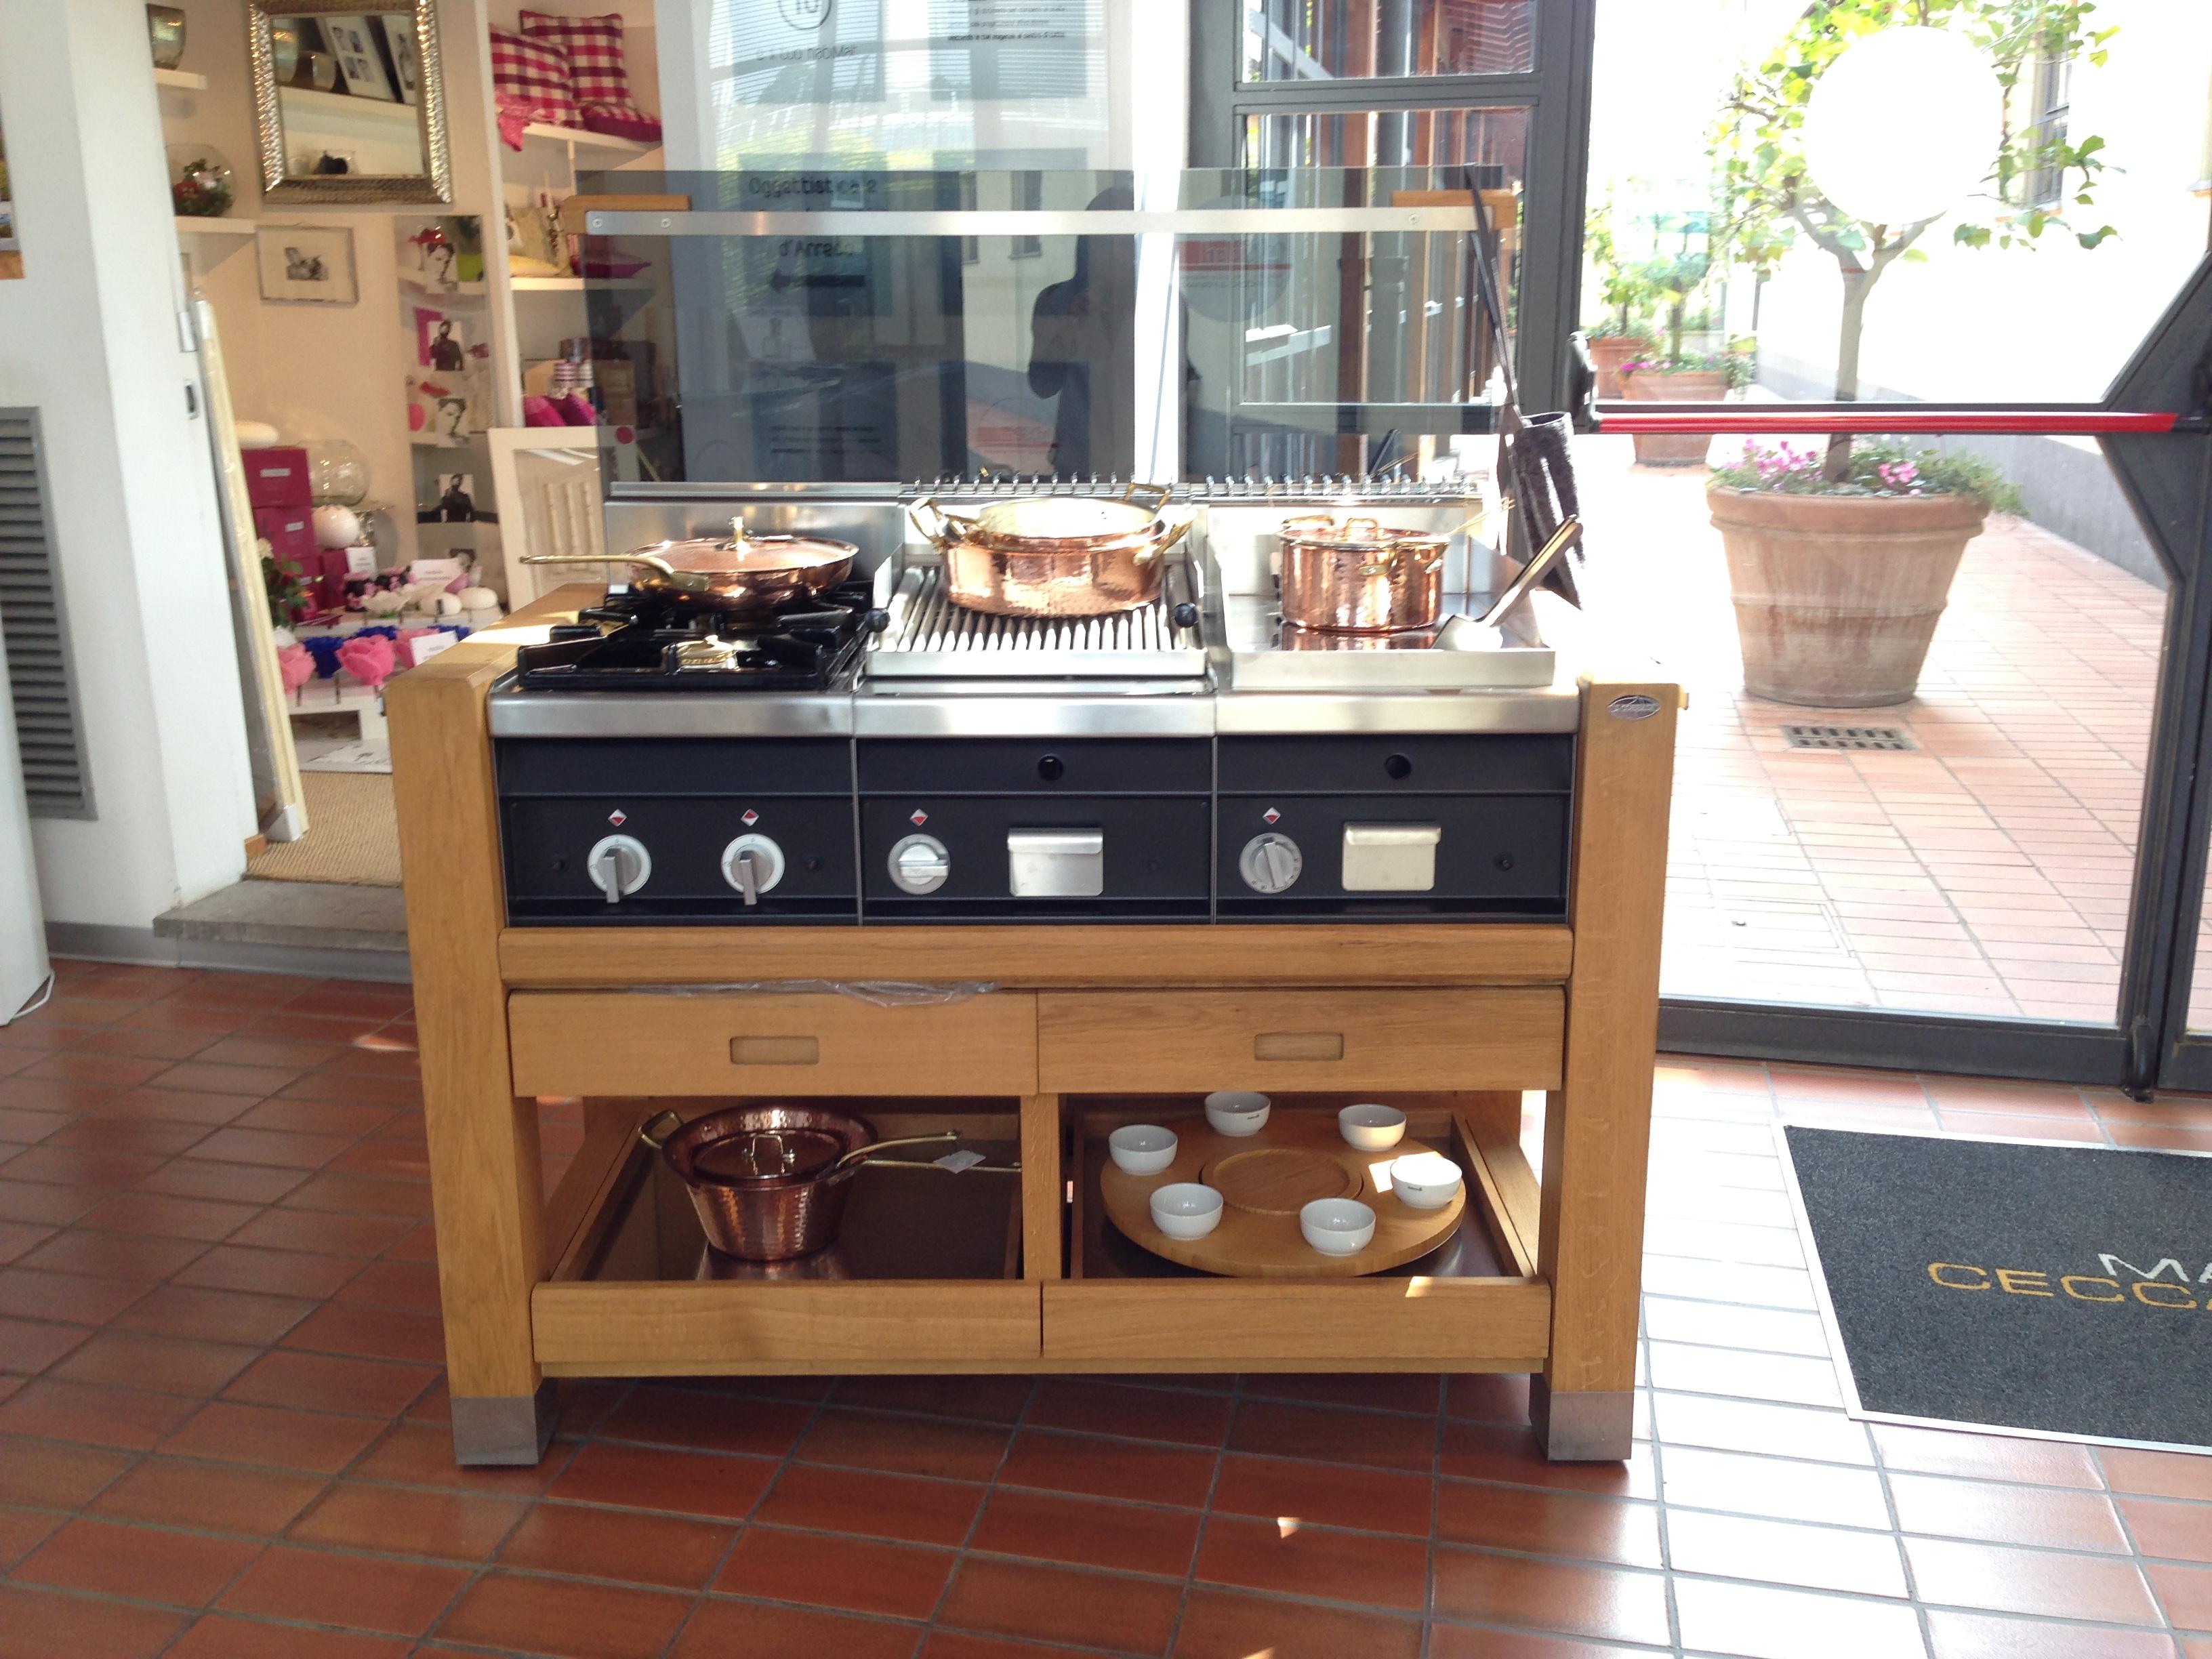 Barbecue corradi da esterno promo cucine a prezzi scontati for Arredamento da esterno